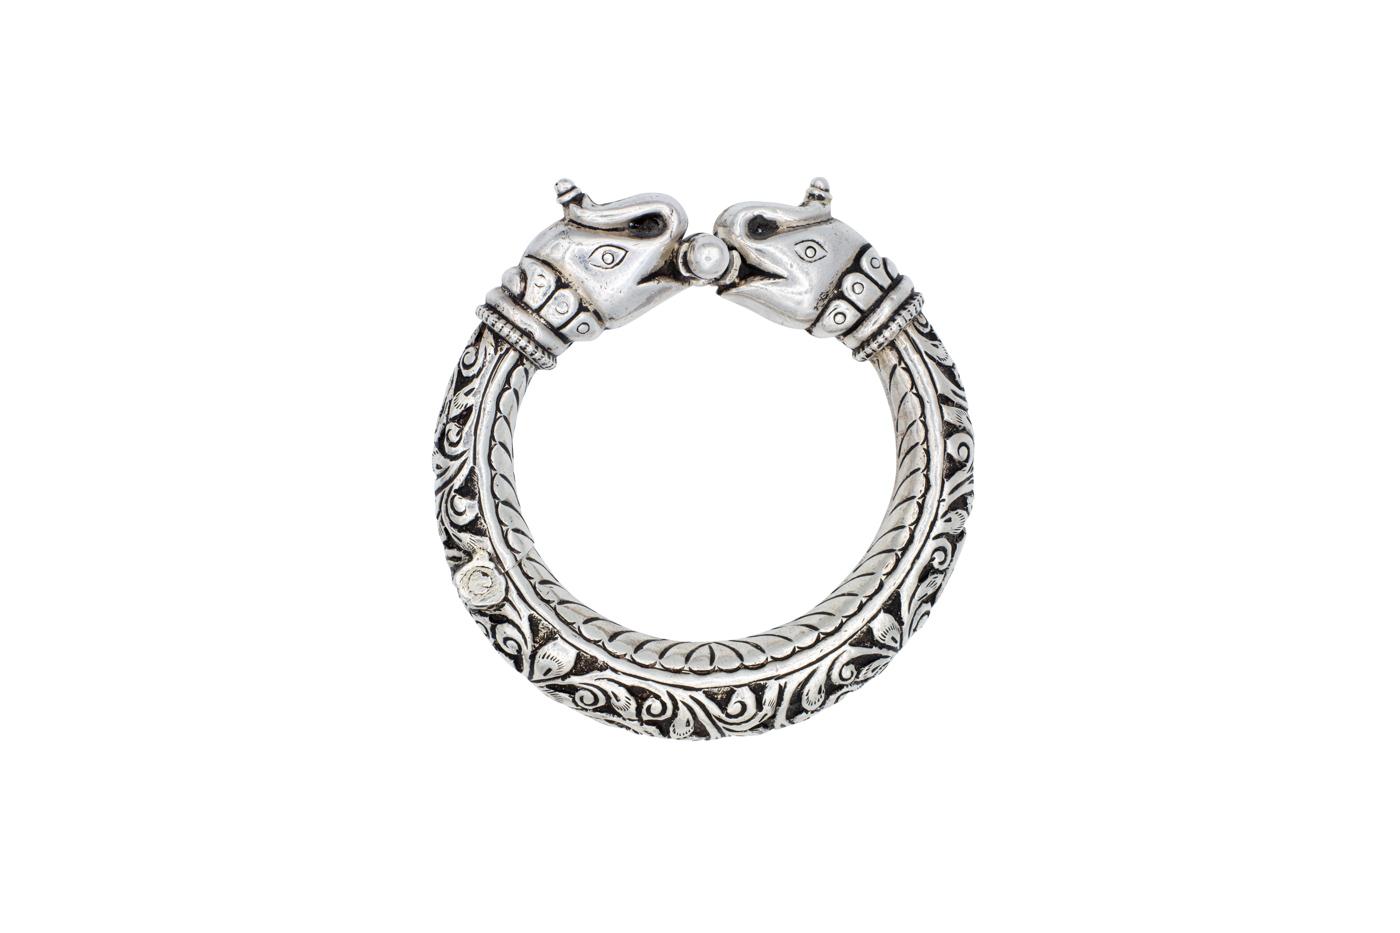 Bracelet in antique Indian silver